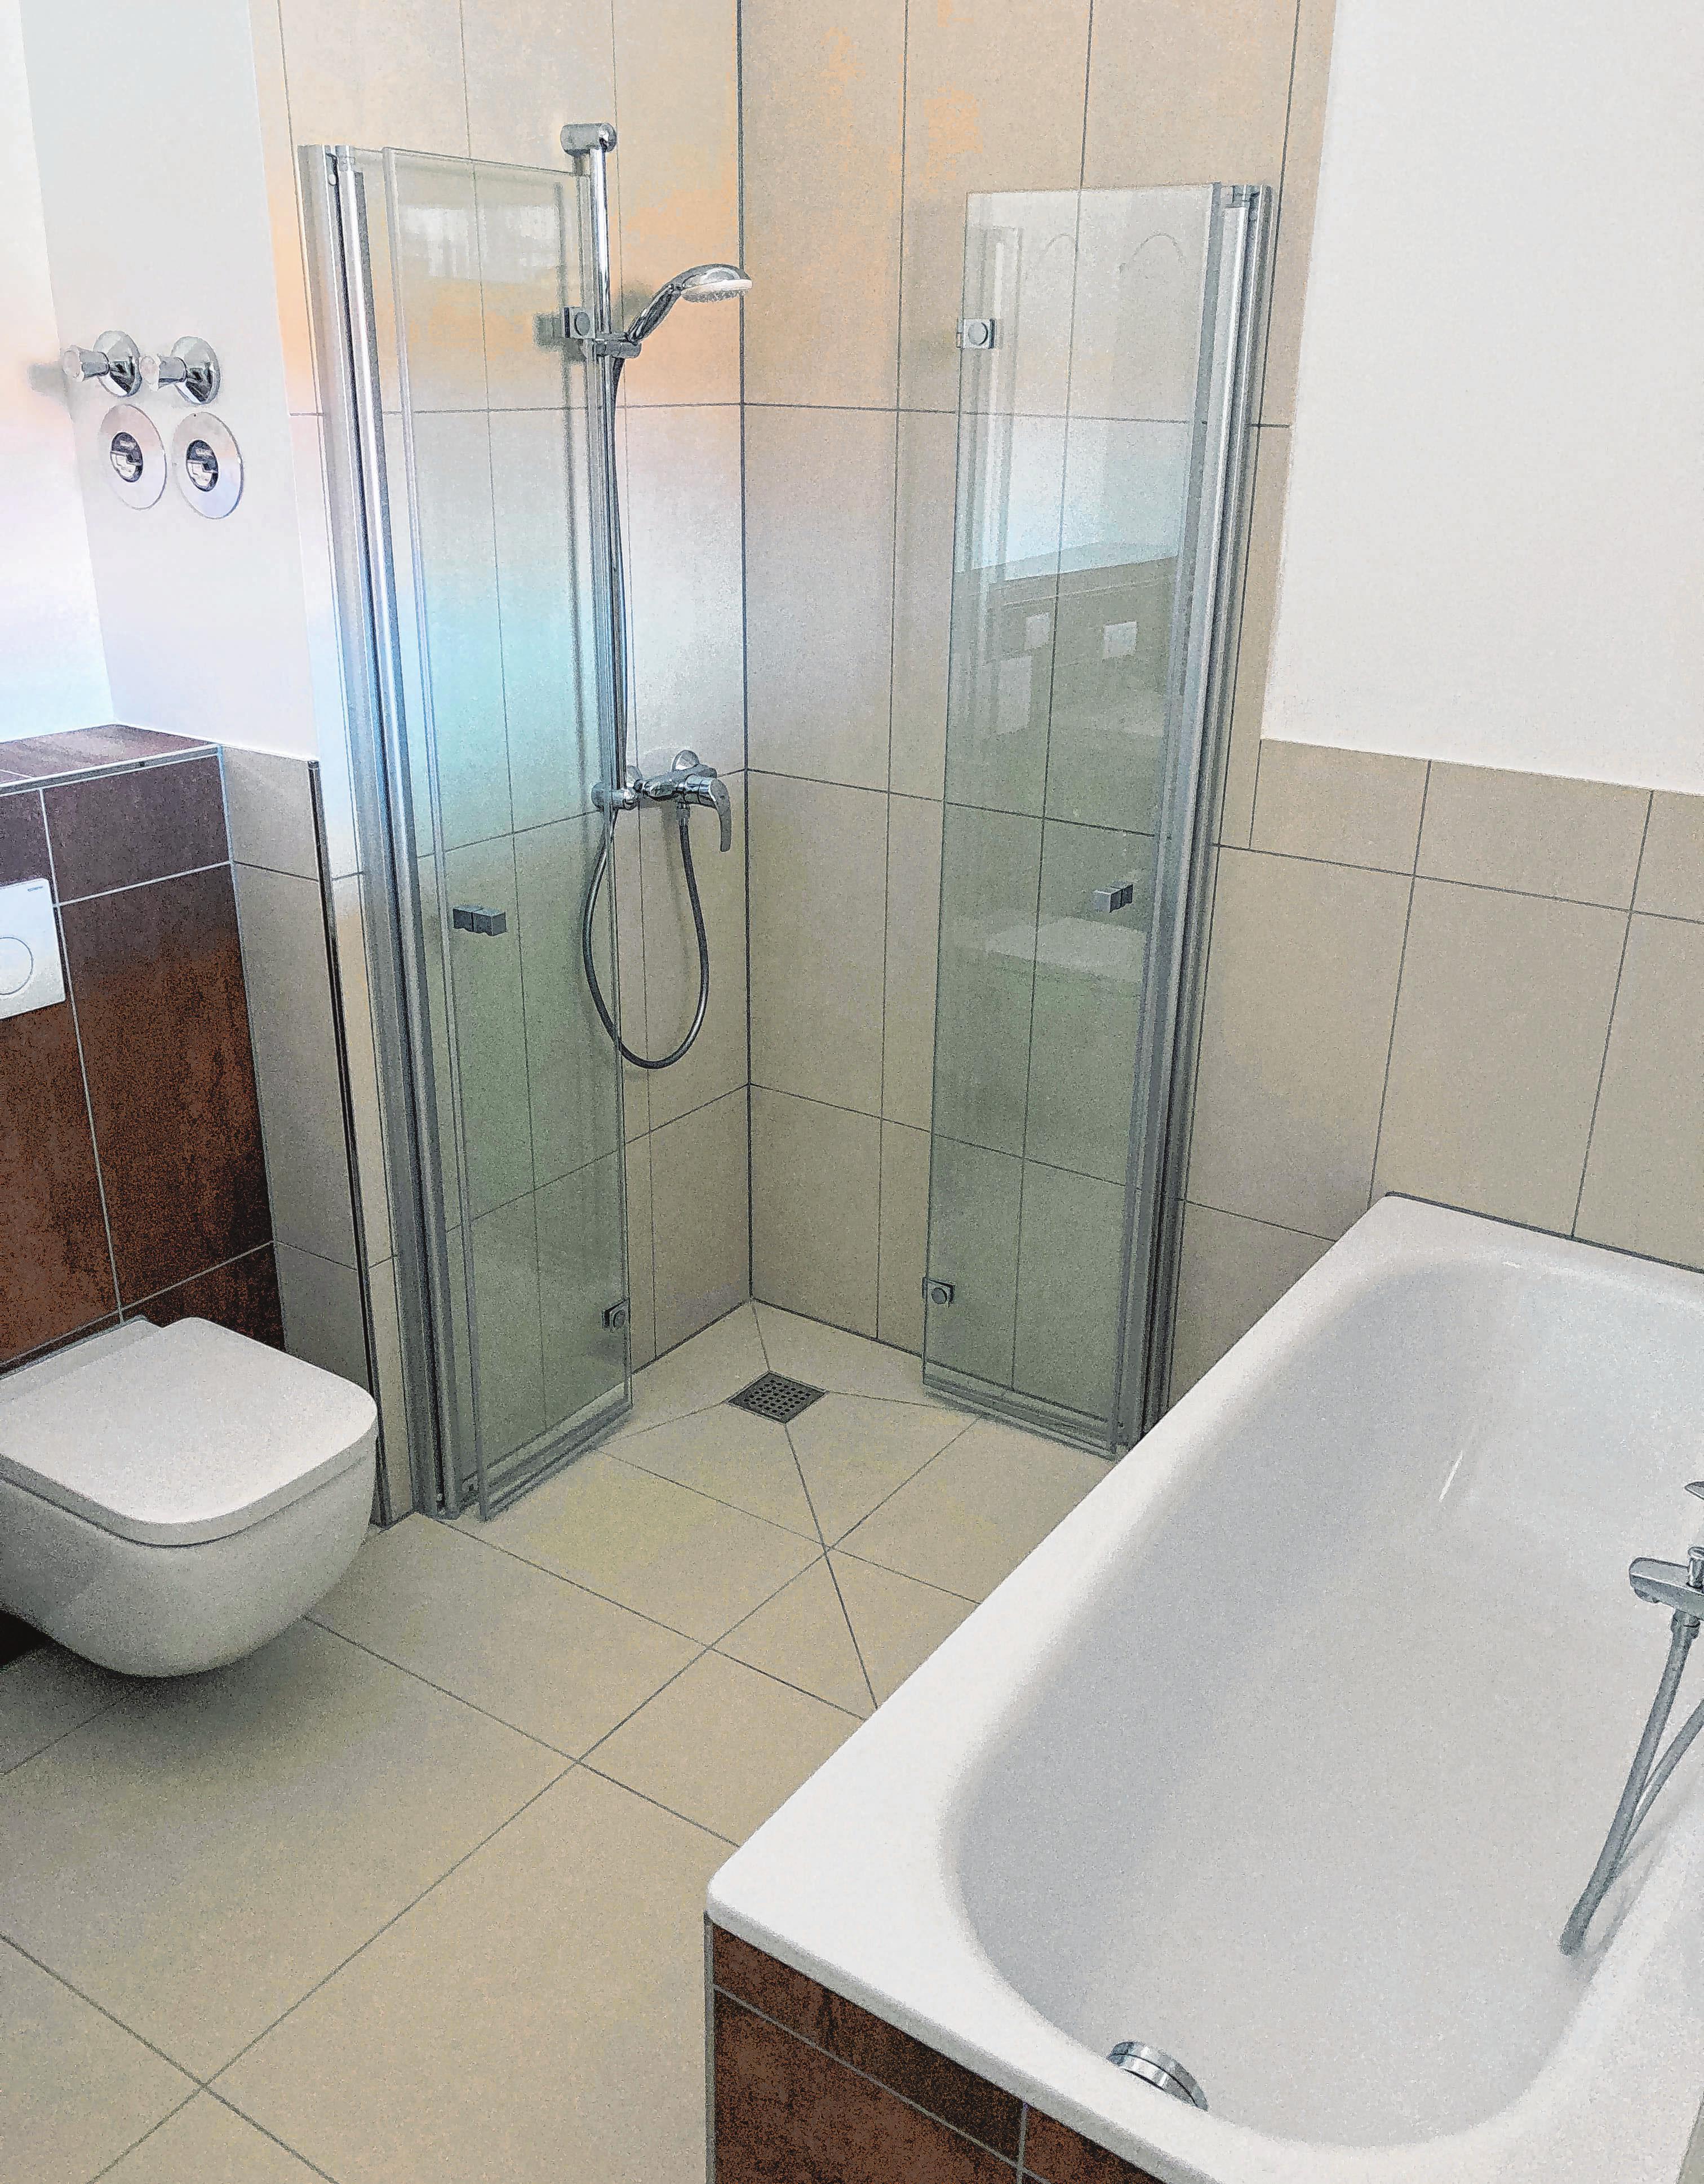 Ausgestattet sowohl mit Wanne als auch Dusche.